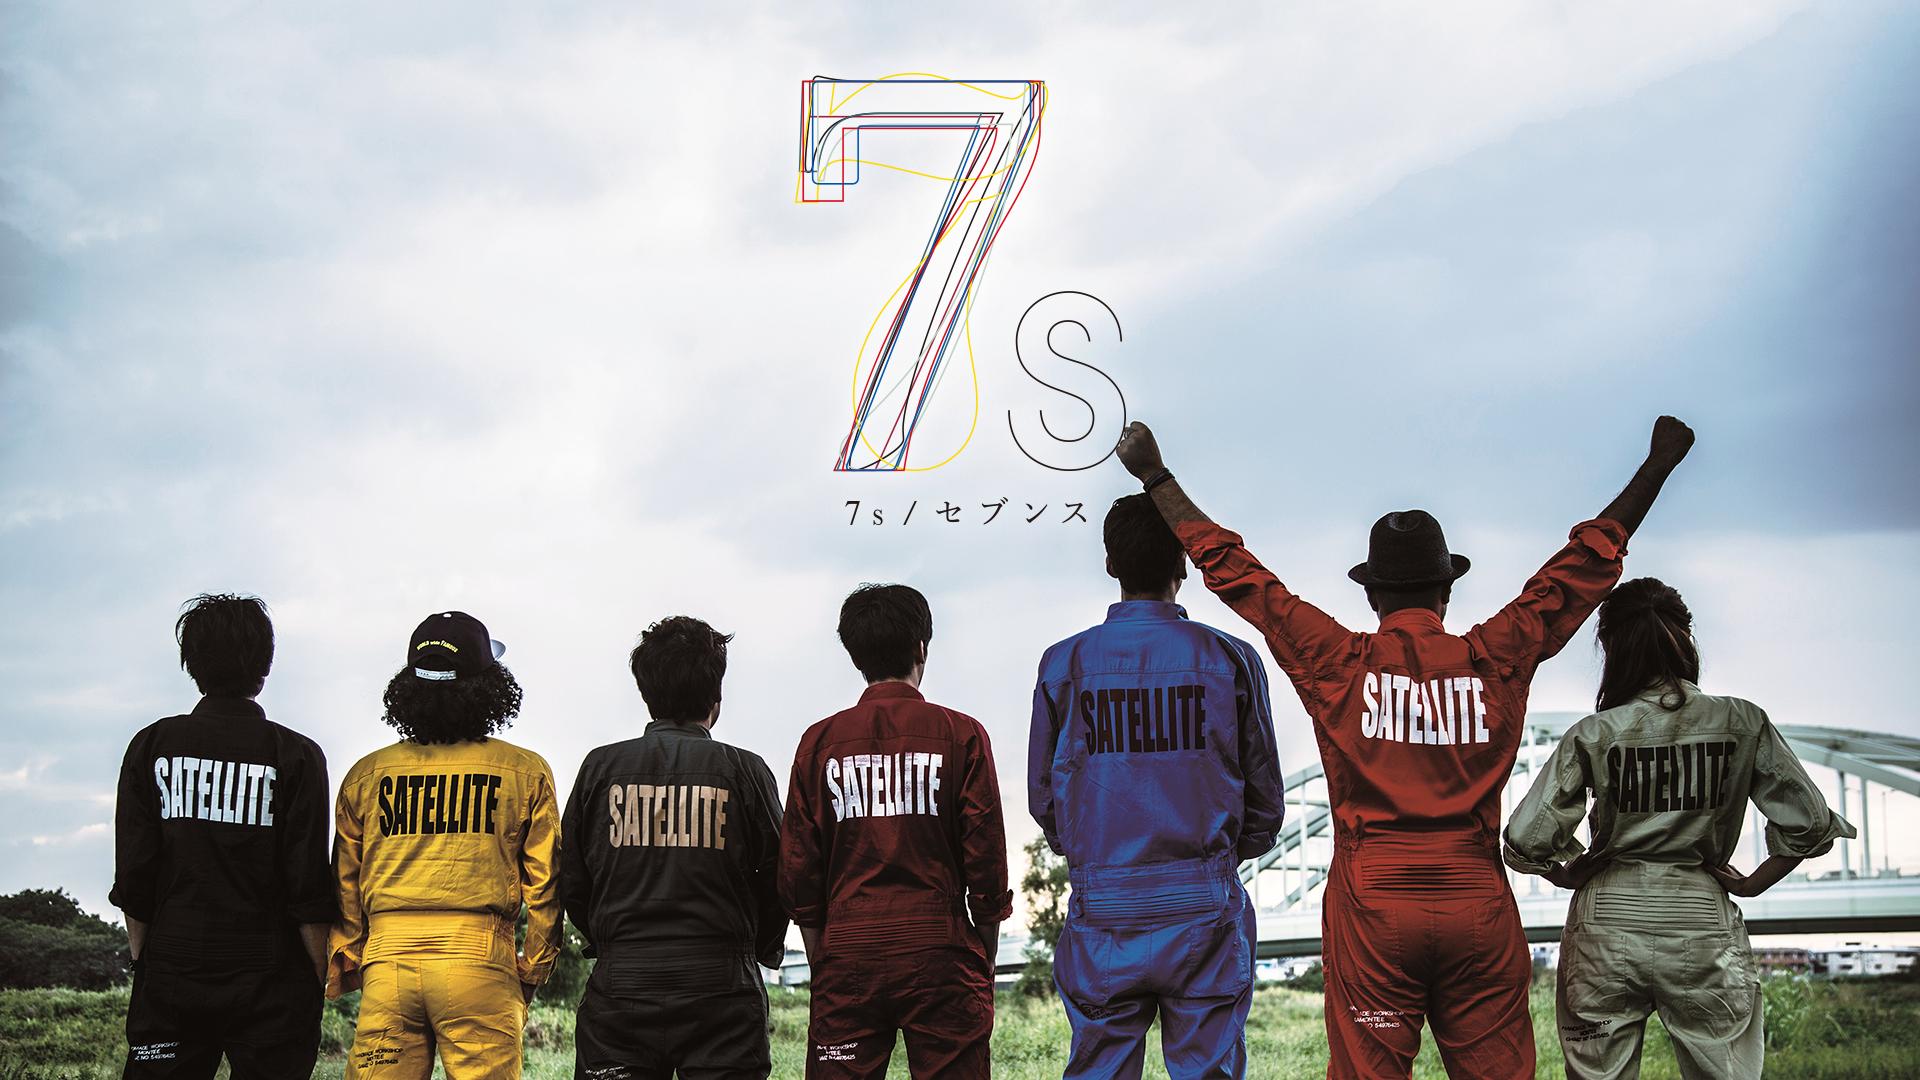 7s/セブンス 動画